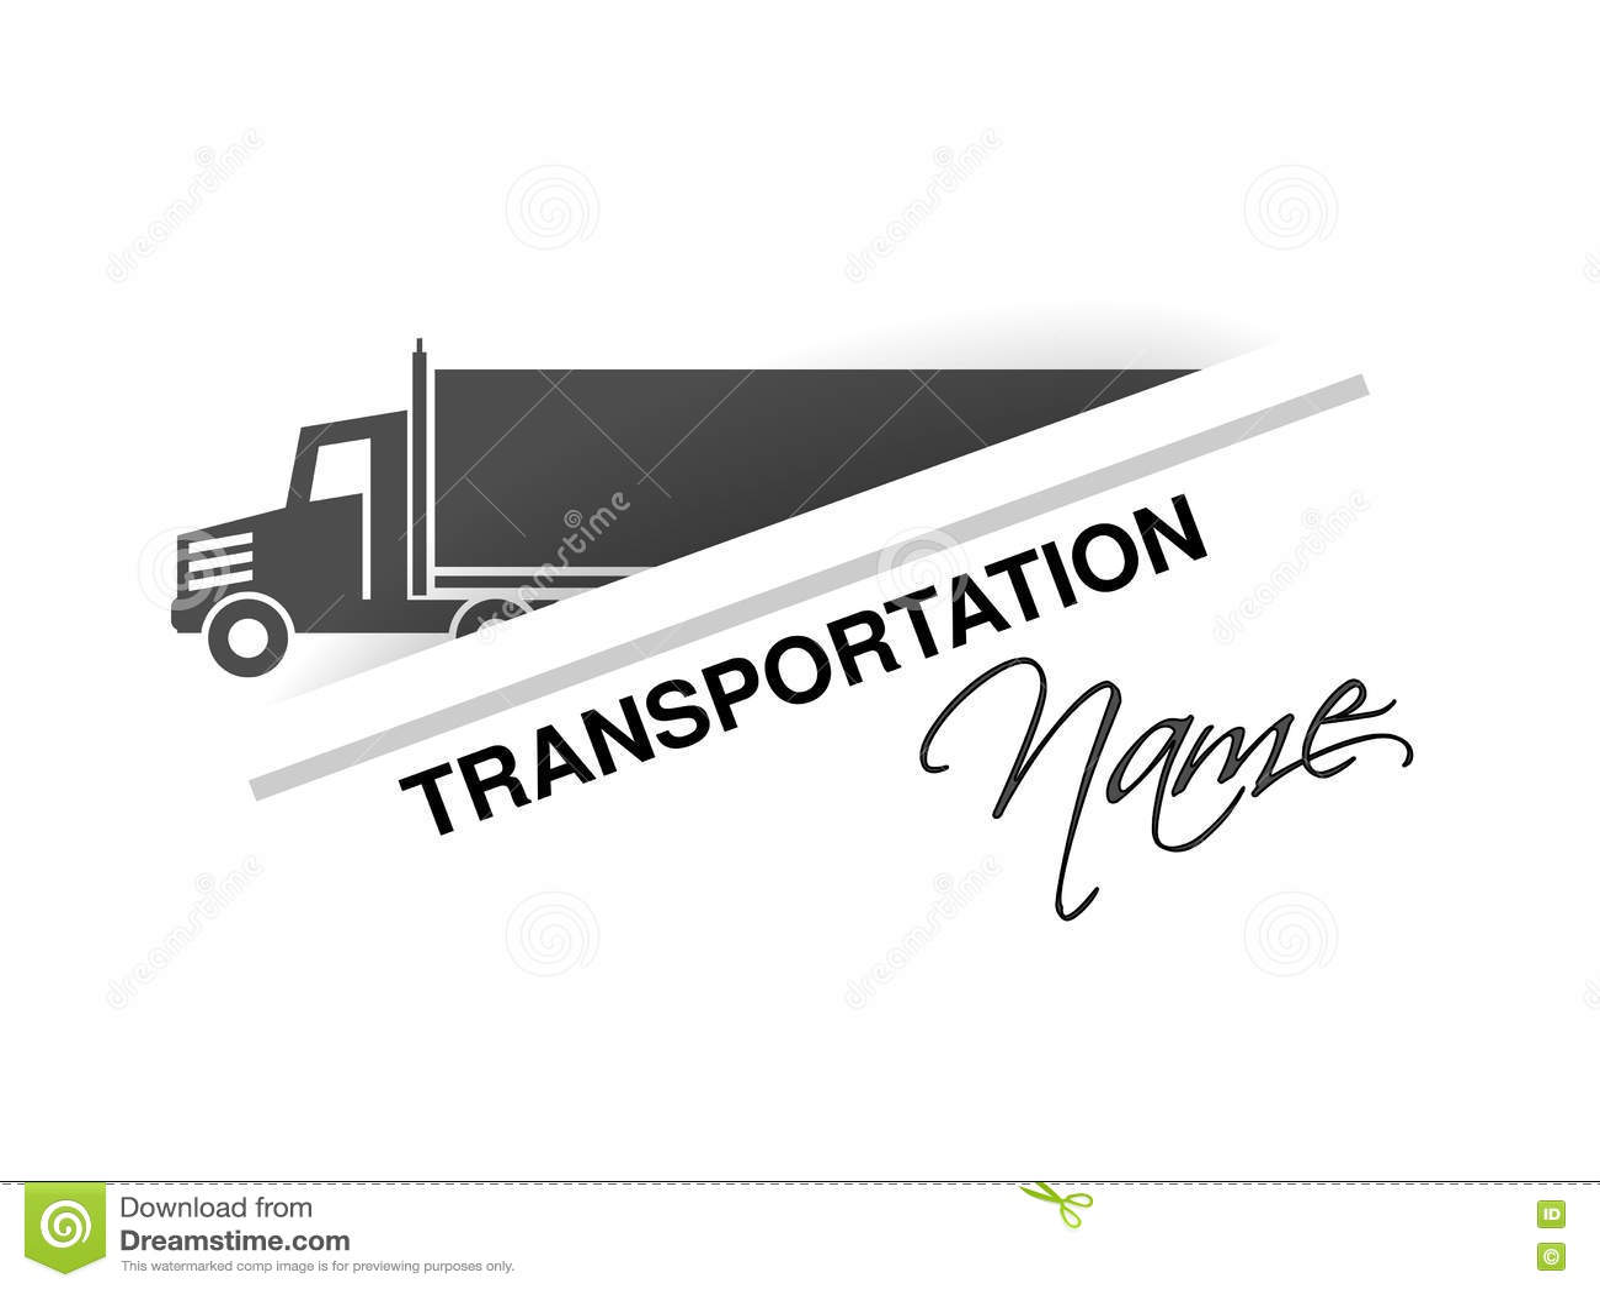 Σύμβολο της μεταφοράς, σκιαγραφία του φορτηγού, φορτηγό Σχέδιο για τη μεταφορά εμπορικών σημάτων